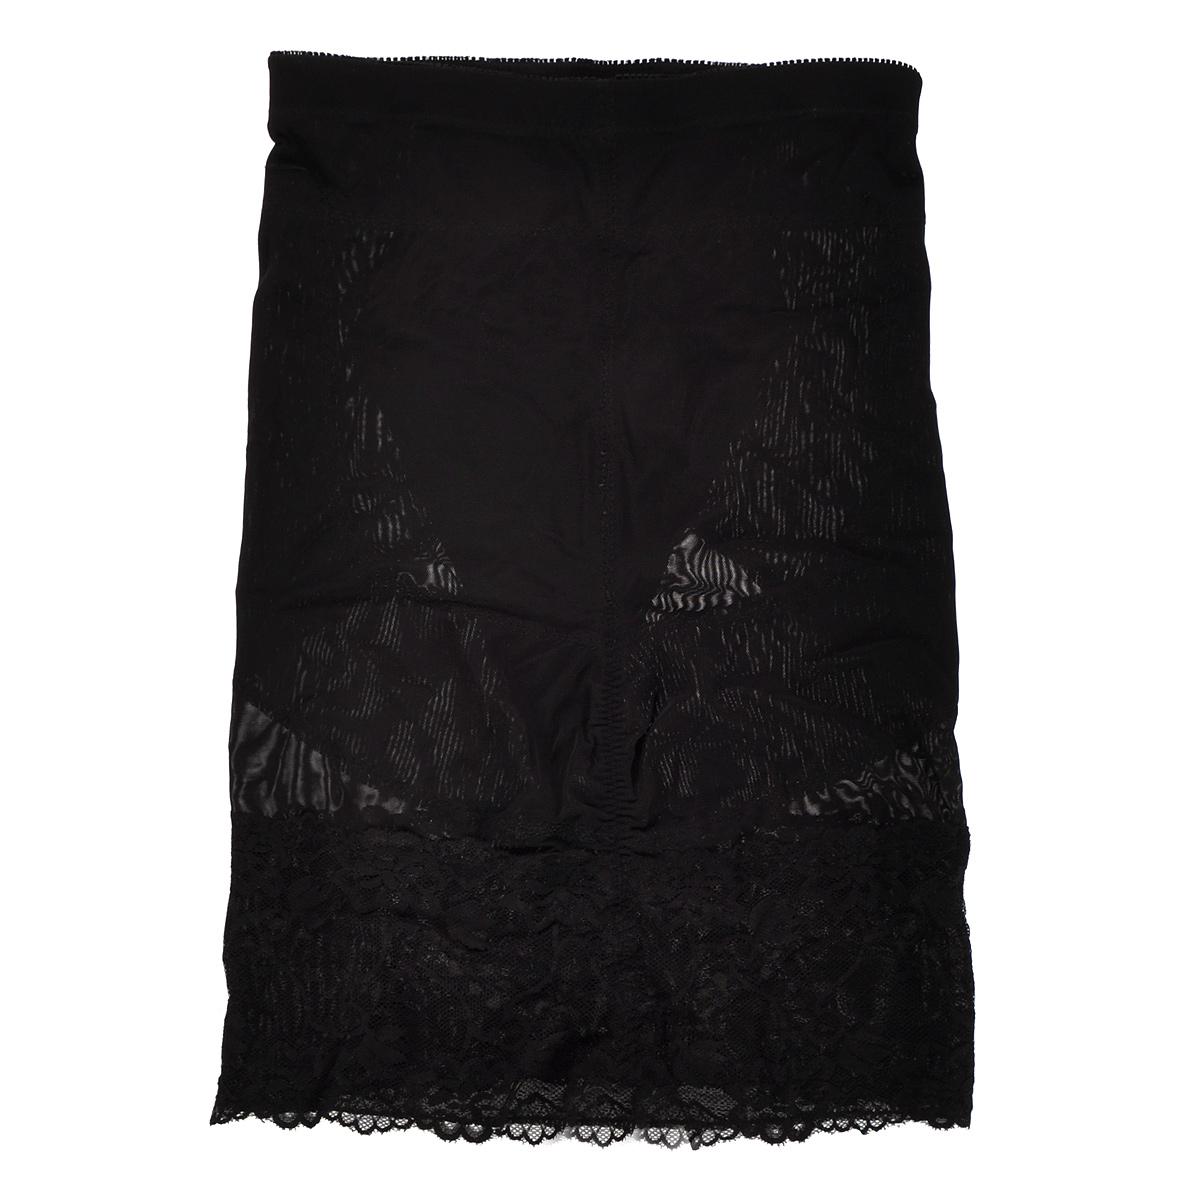 Юбка Magic BodyFashion Super-Control Skirt, супер-утягивающая, цвет: черный. 14CS. Размер L (48)14CSСупер-утягивающая юбка Magic BodyFashion Super-Control Skirt, декорированная ажурным кружевом, очень удобная и комфортная в носке. Эта модель делает бедра более стройными, а живот - более плоским. Формирующая фигуру юбка с высокой талией уменьшает живот, формирует красивые ягодицы и уменьшает ваши бедра, с эффектом похудания. Функциональный покрой заметно подтягивает и моделирует фигуру, скрывая ее недостатки. Кружевные вставки сделают вас современной и неотразимой.Крой юбки необычен, благодаря чему ее невозможно заметить под любой одеждой, она практически не ощущается на коже, позволяет чувствовать себя комфортно и легко. Изделие позволяет приобрести выразительные линии своего тела за считанные секунды (можно скрыть все лишнее).Белье Magic BodyFashion создано для тех, кто стремится к безупречности своего стиля. Именно благодаря ему огромное количество женщин чувствуют себя поистине соблазнительными, привлекательными и не на шутку уверенными в себе.